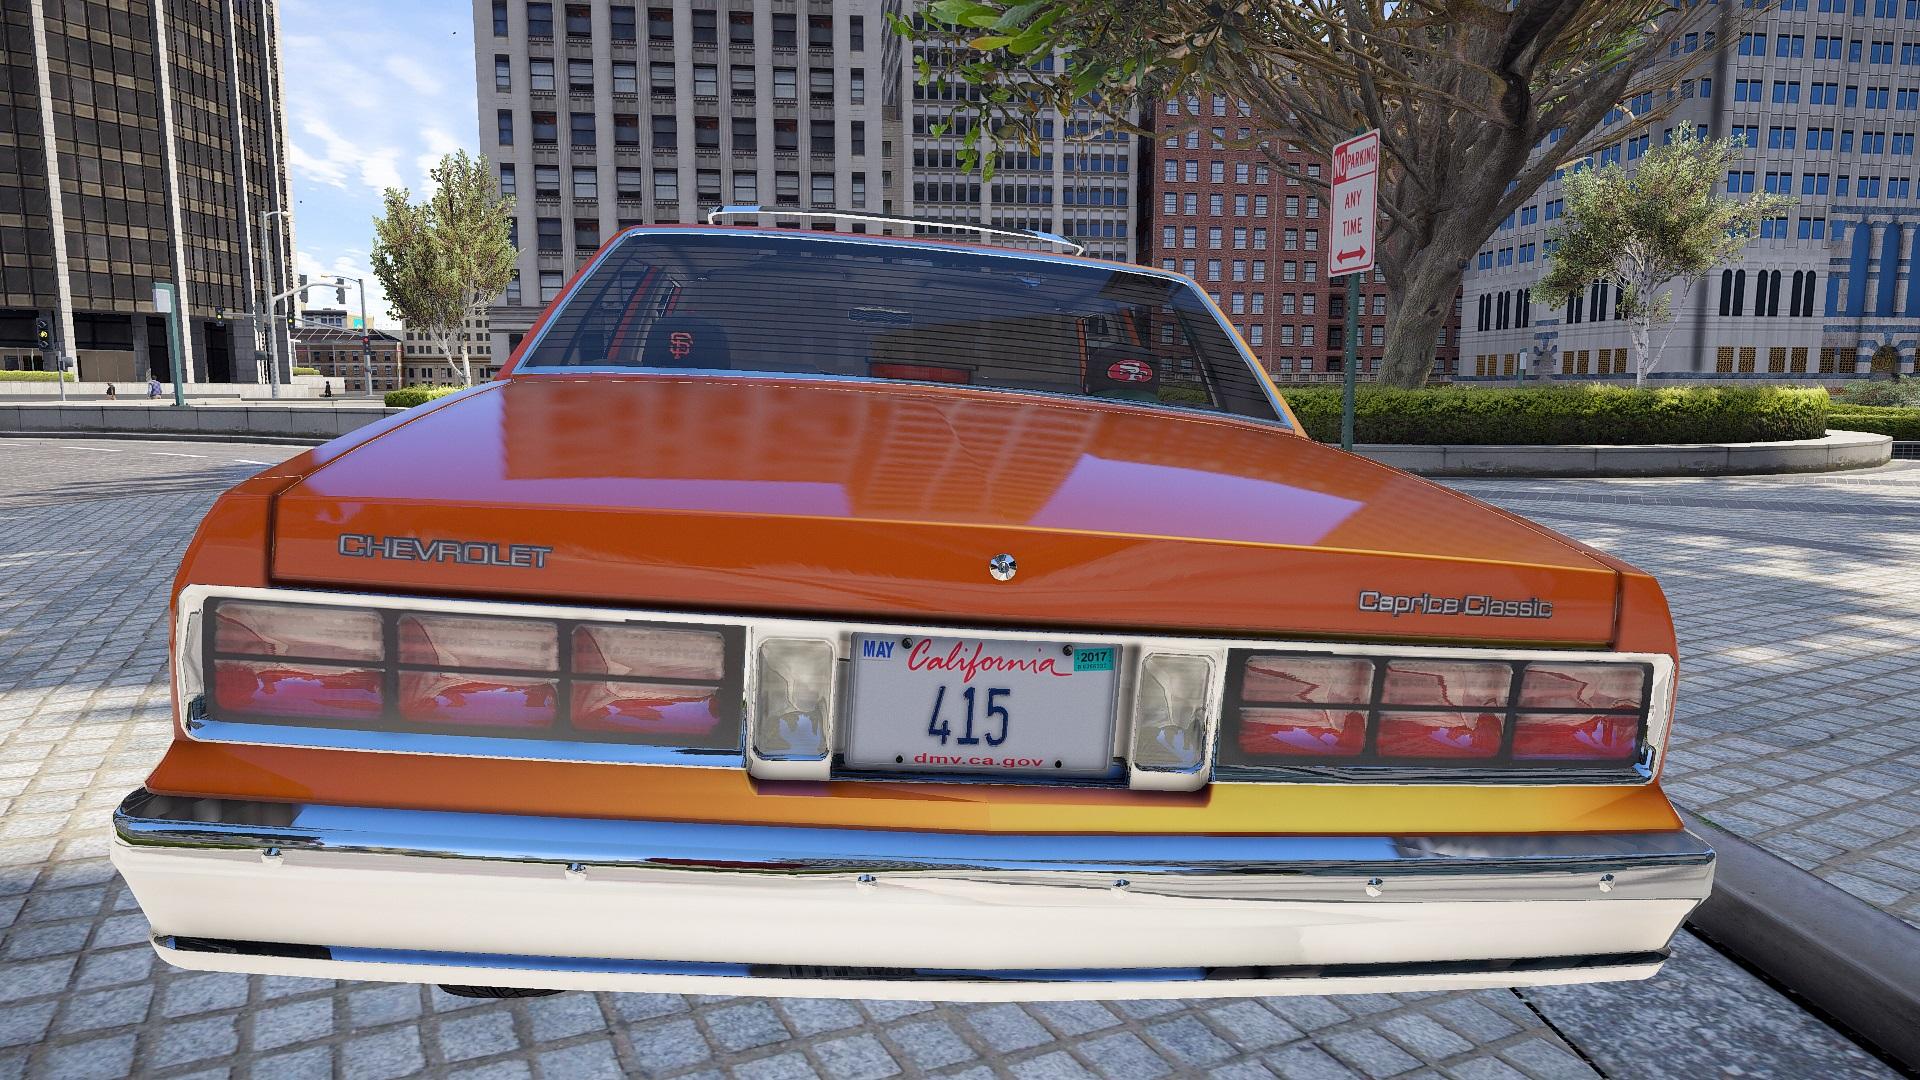 0_1506532112672_Grand Theft Auto V 9_27_2017 10_02_02 AM.jpg